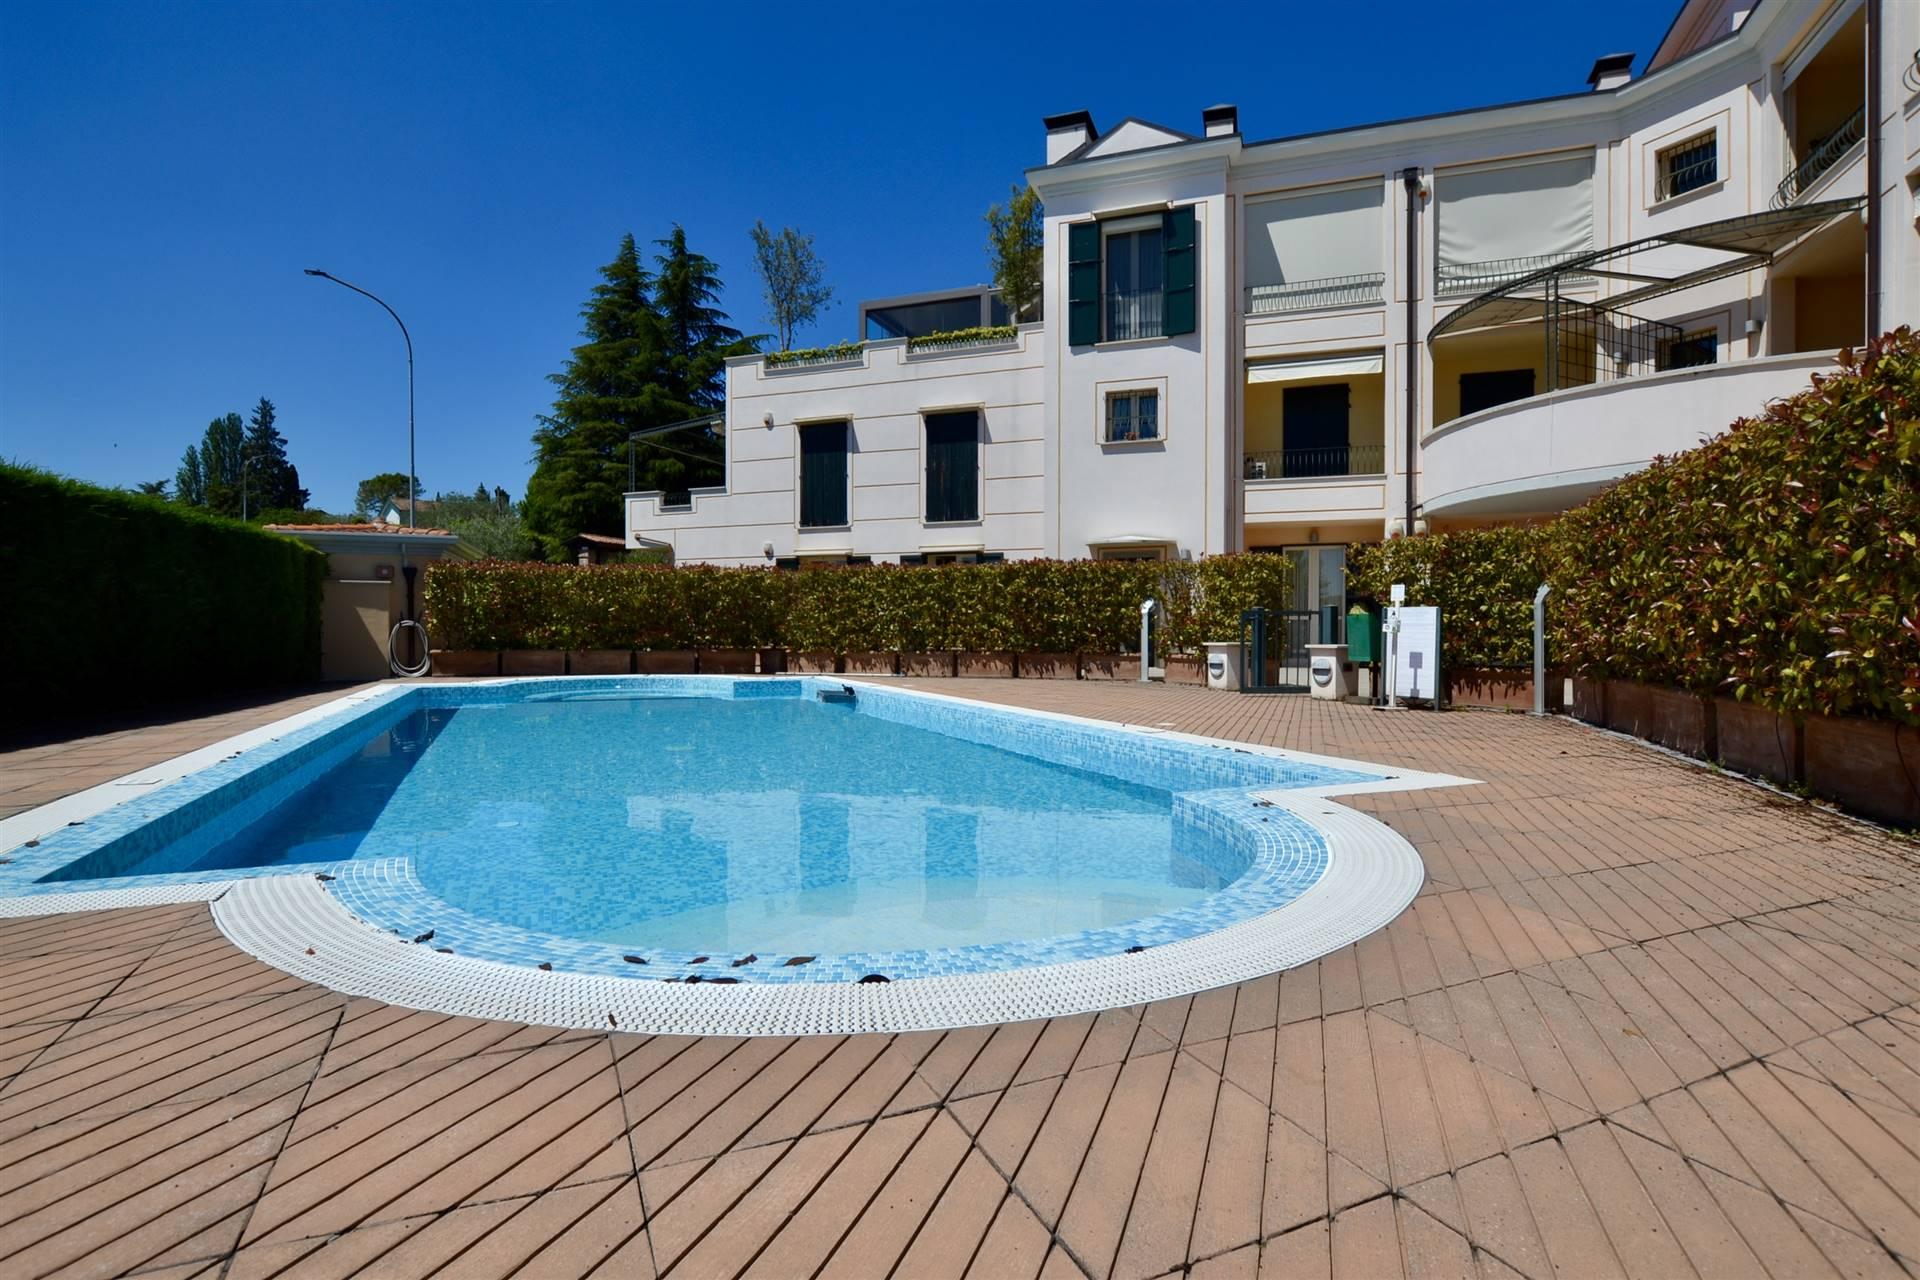 Appartamento in vendita a Padenghe sul Garda, 3 locali, prezzo € 410.000 | PortaleAgenzieImmobiliari.it